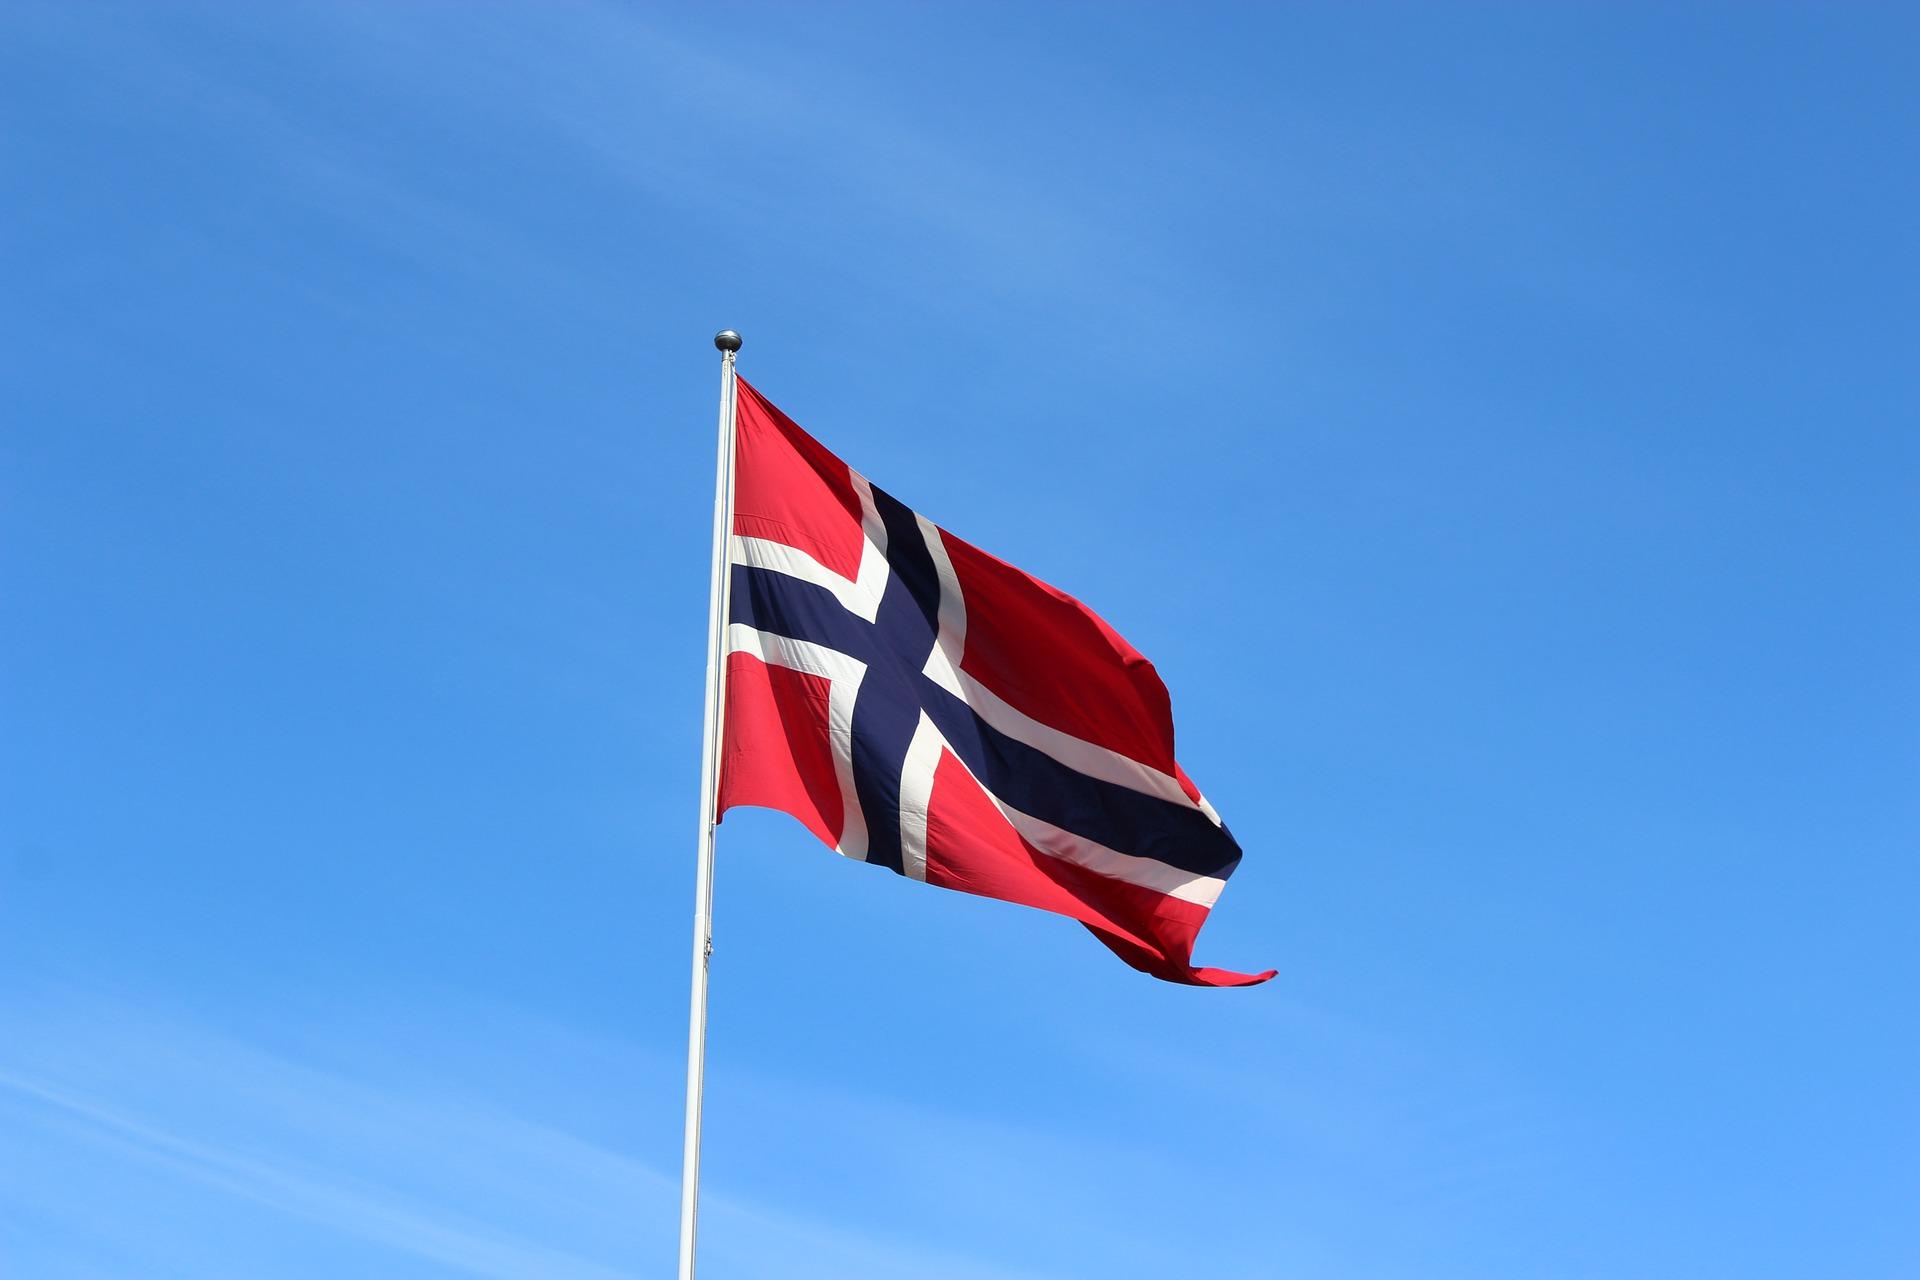 В Норвегии для защиты от COVID-19 рекомендуют надевать по две маски одновременно